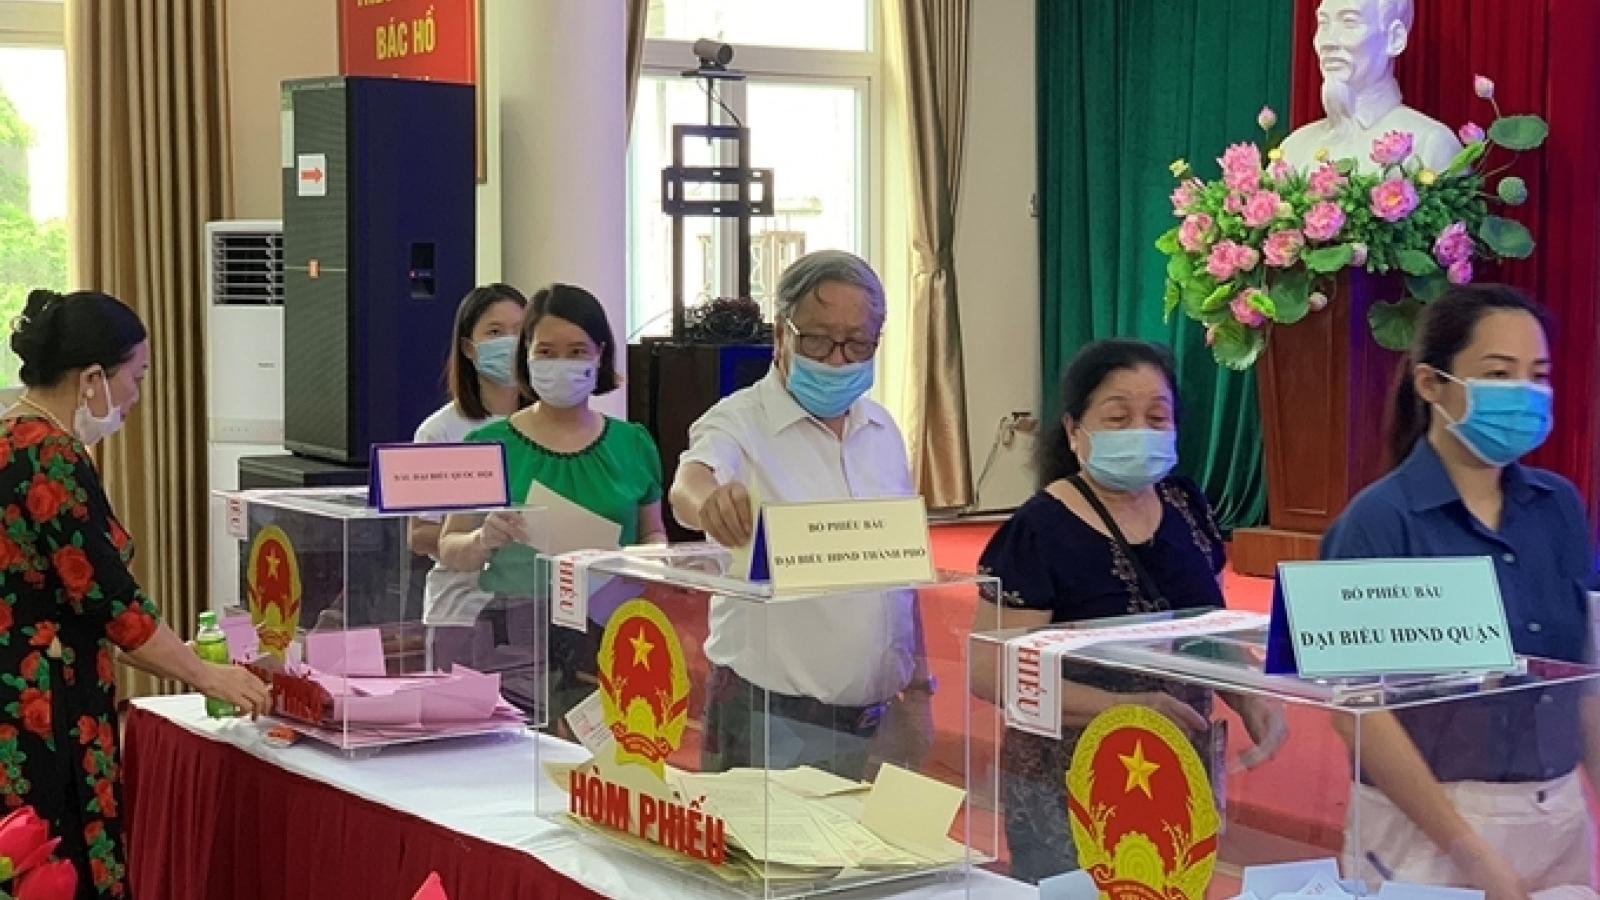 Sai phạm nghiêm trọng trong bầu cử, Hà Nội khai trừ Đảng 2 cán bộ xã